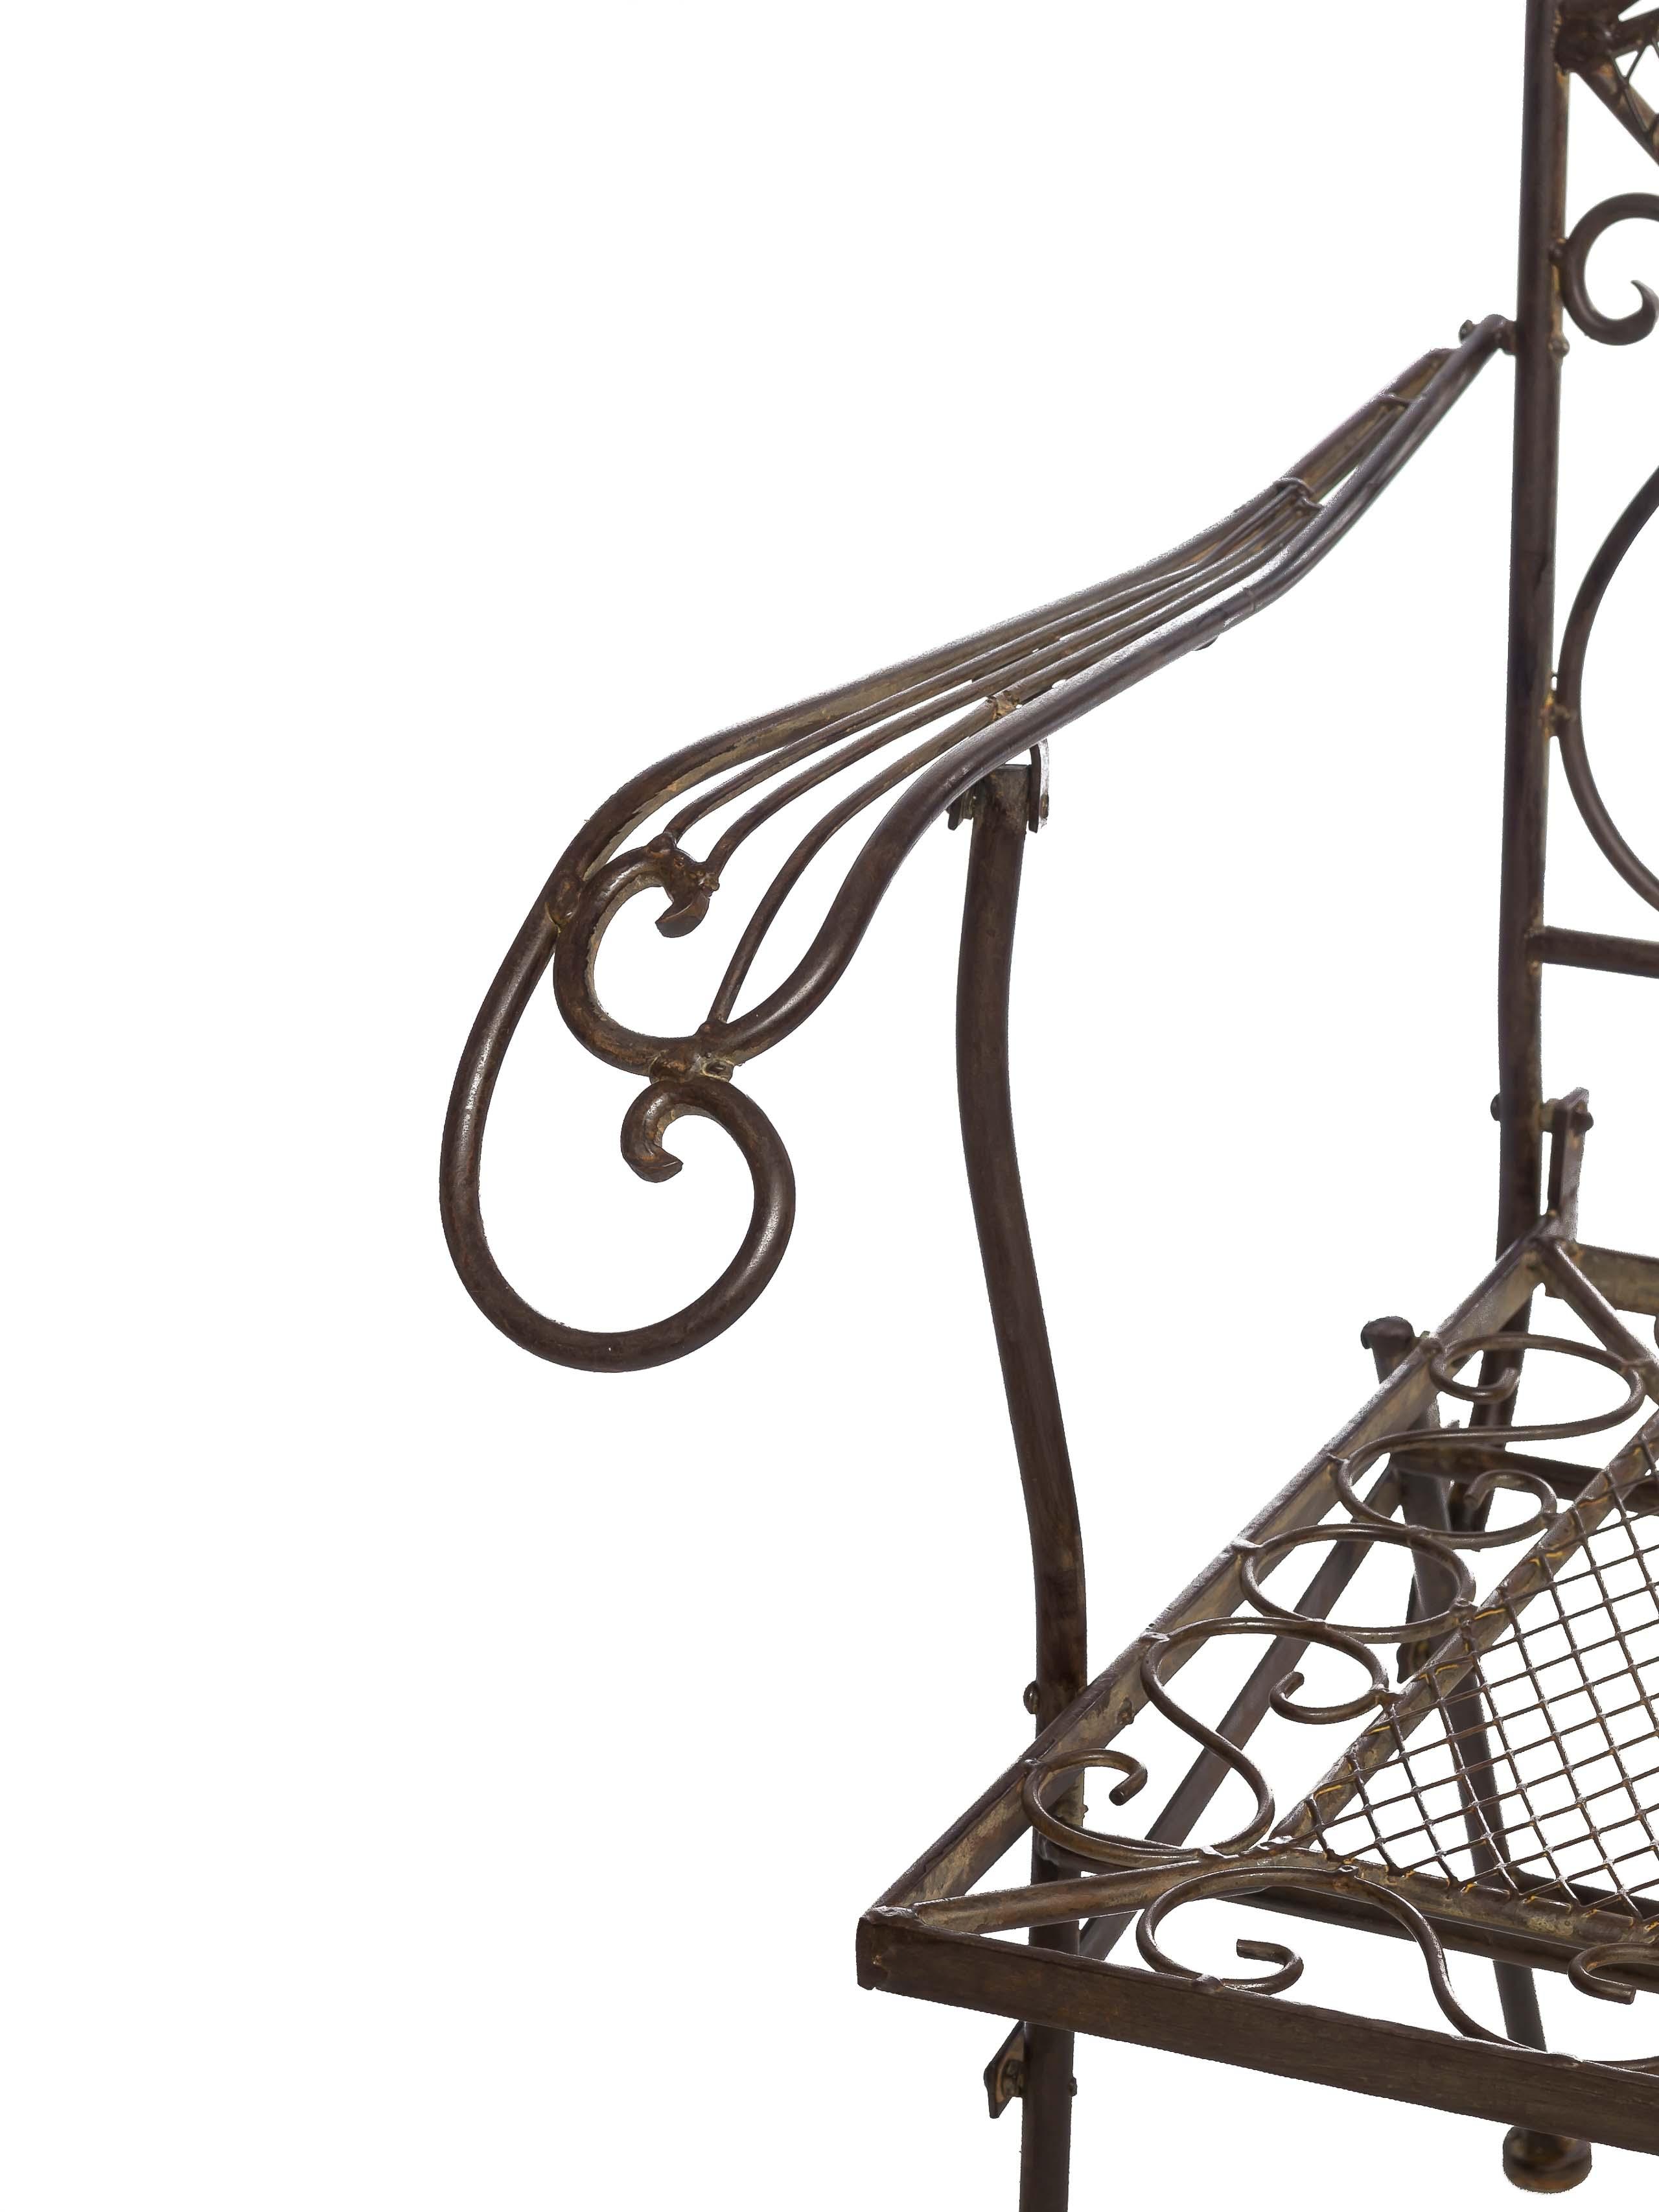 Nostalgia GIARDINO POLTRONA FERRO 15kg giardino sedia poltrona sedia stile antico chair IRON